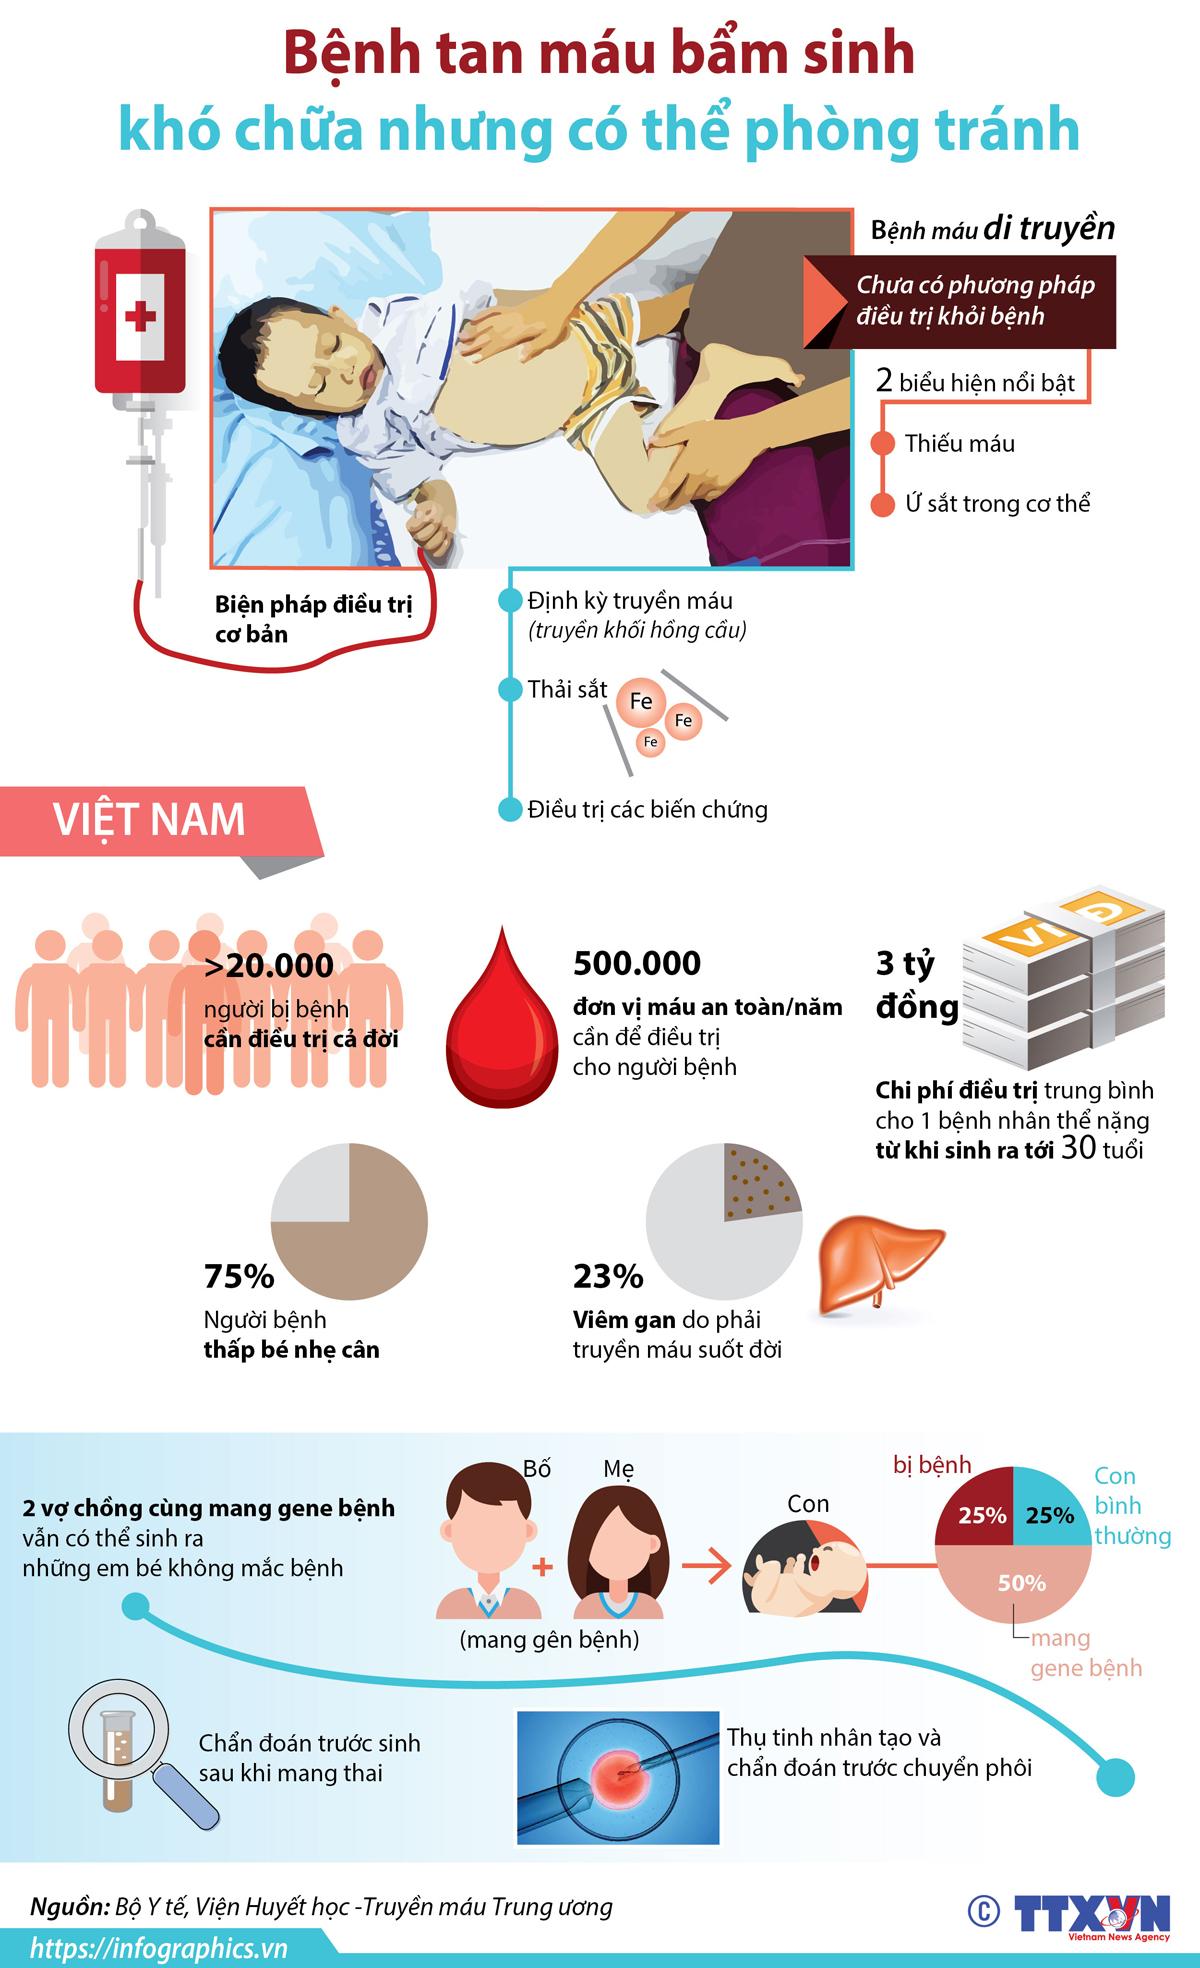 y tế cộng đồng, bệnh tan máu bẩm sinh, phòng tránh